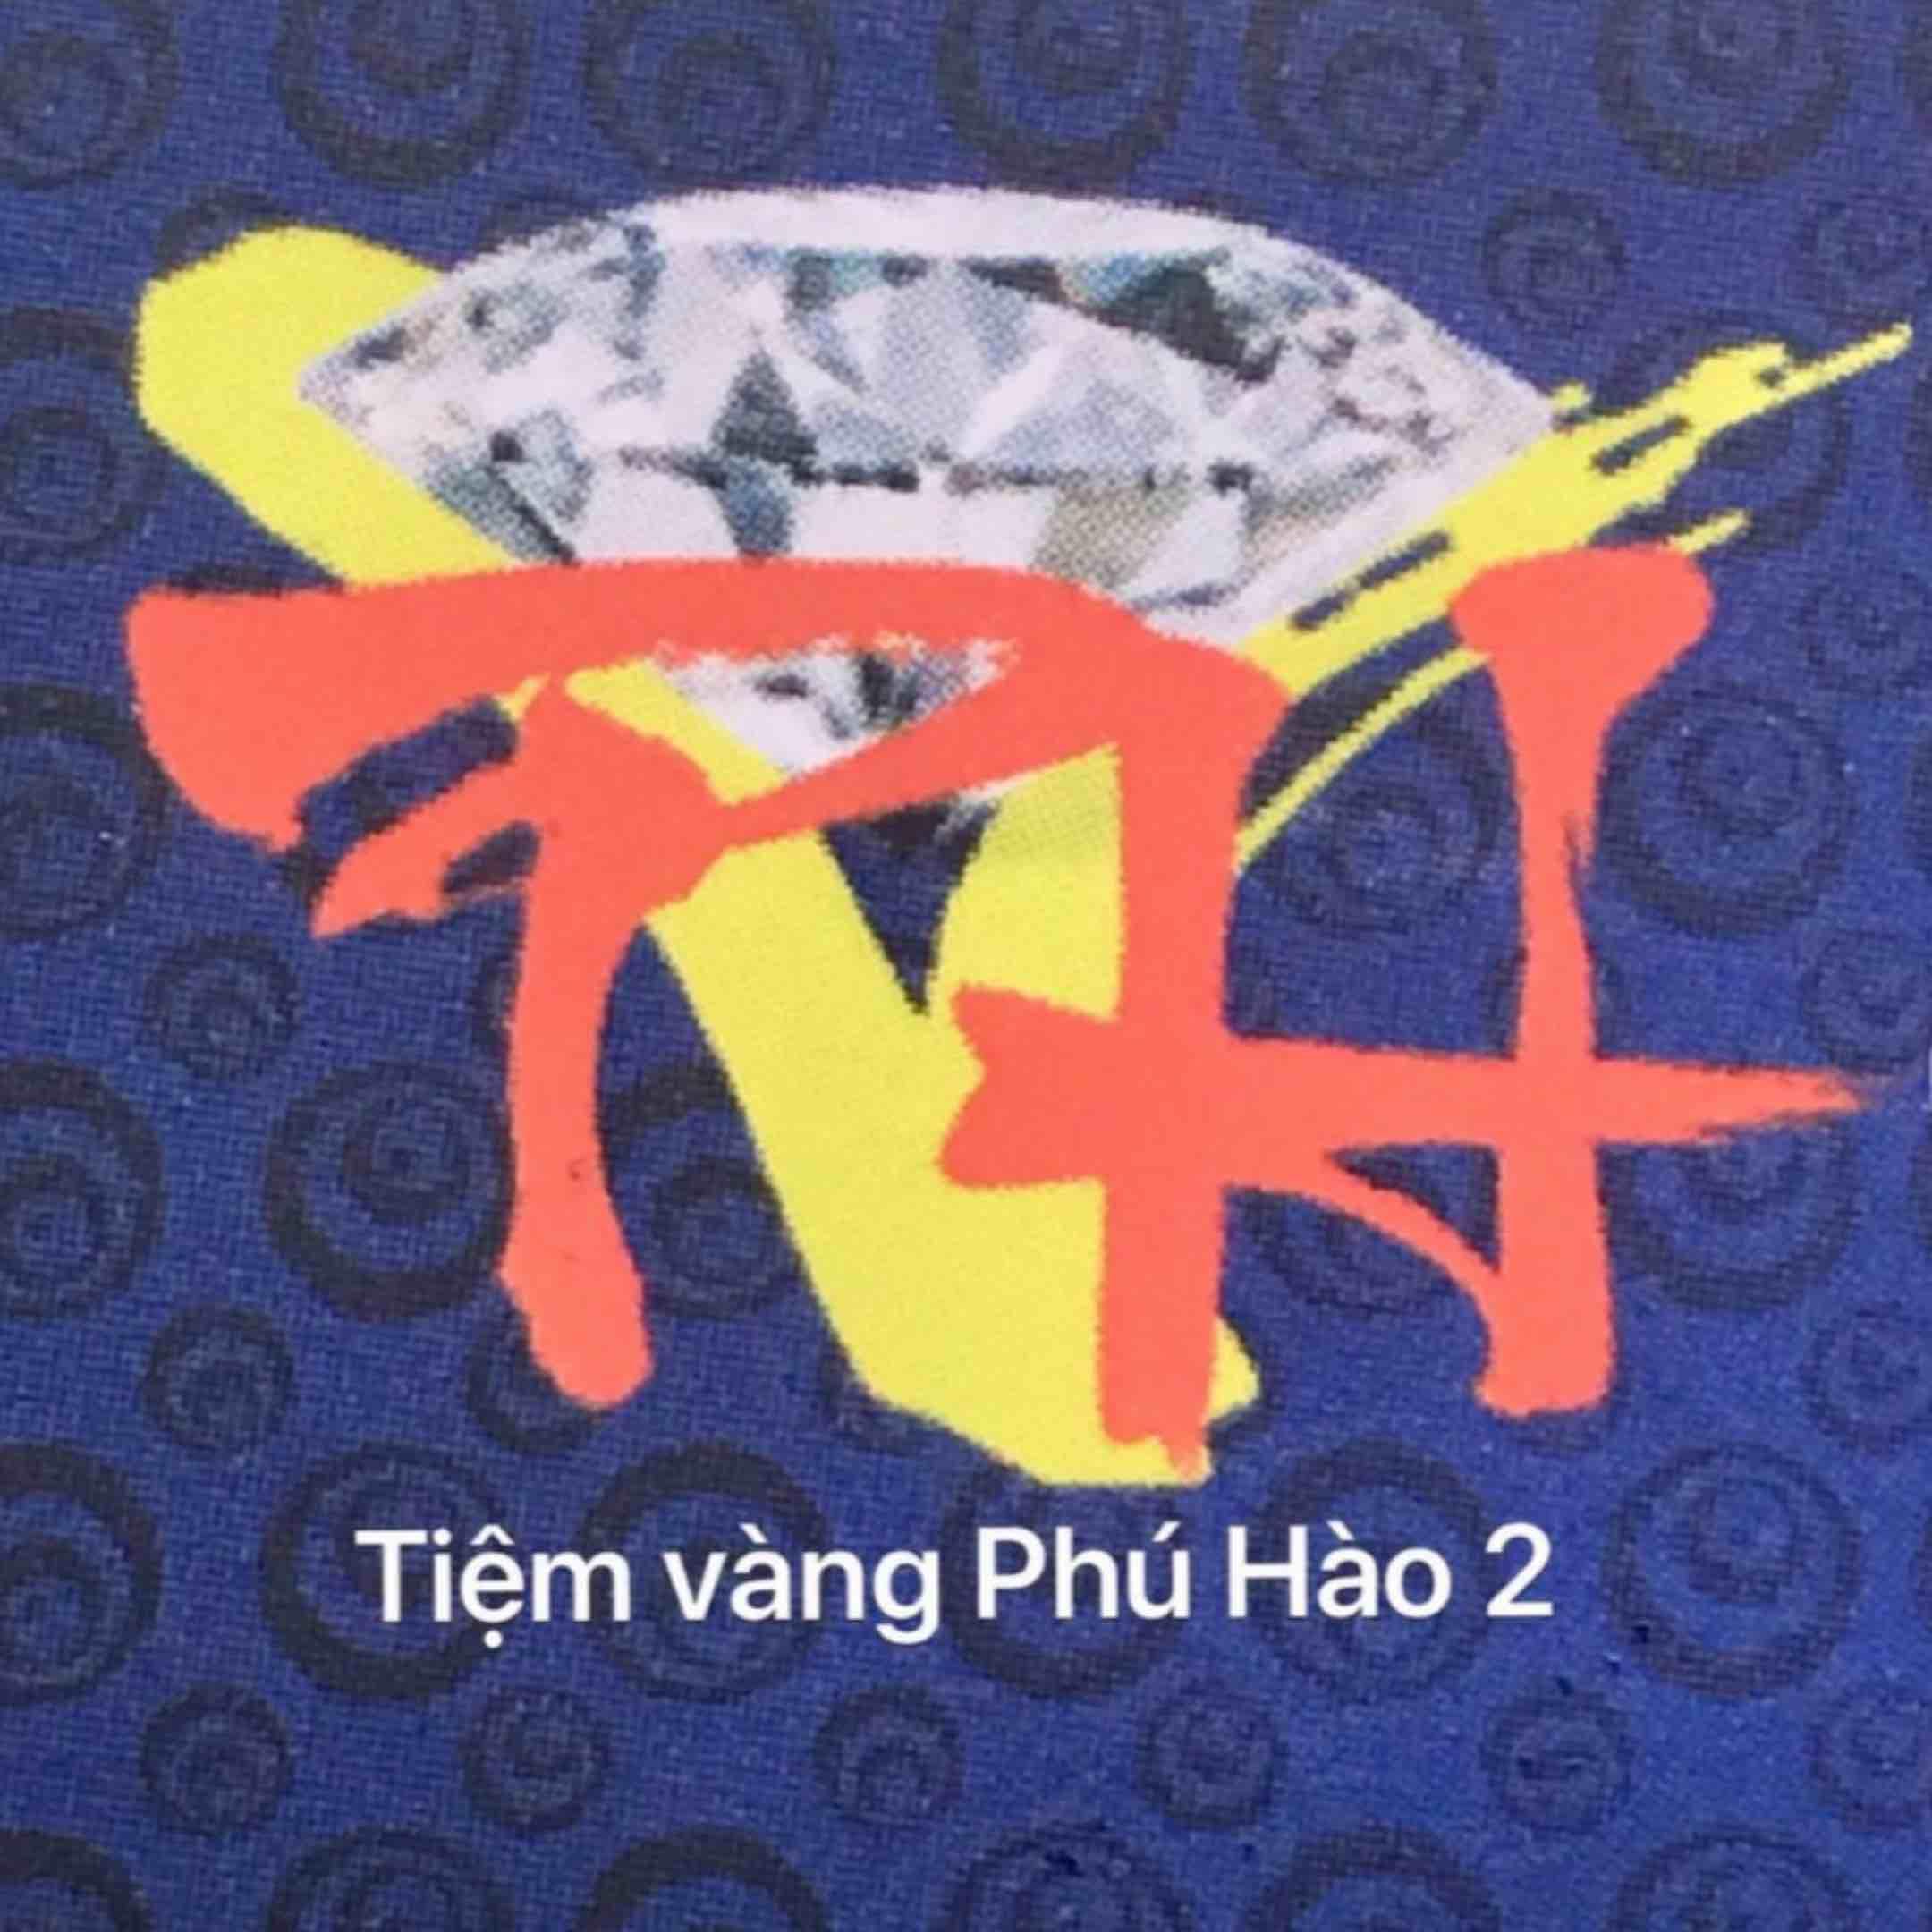 Vàng Phú Hào 2 Shop